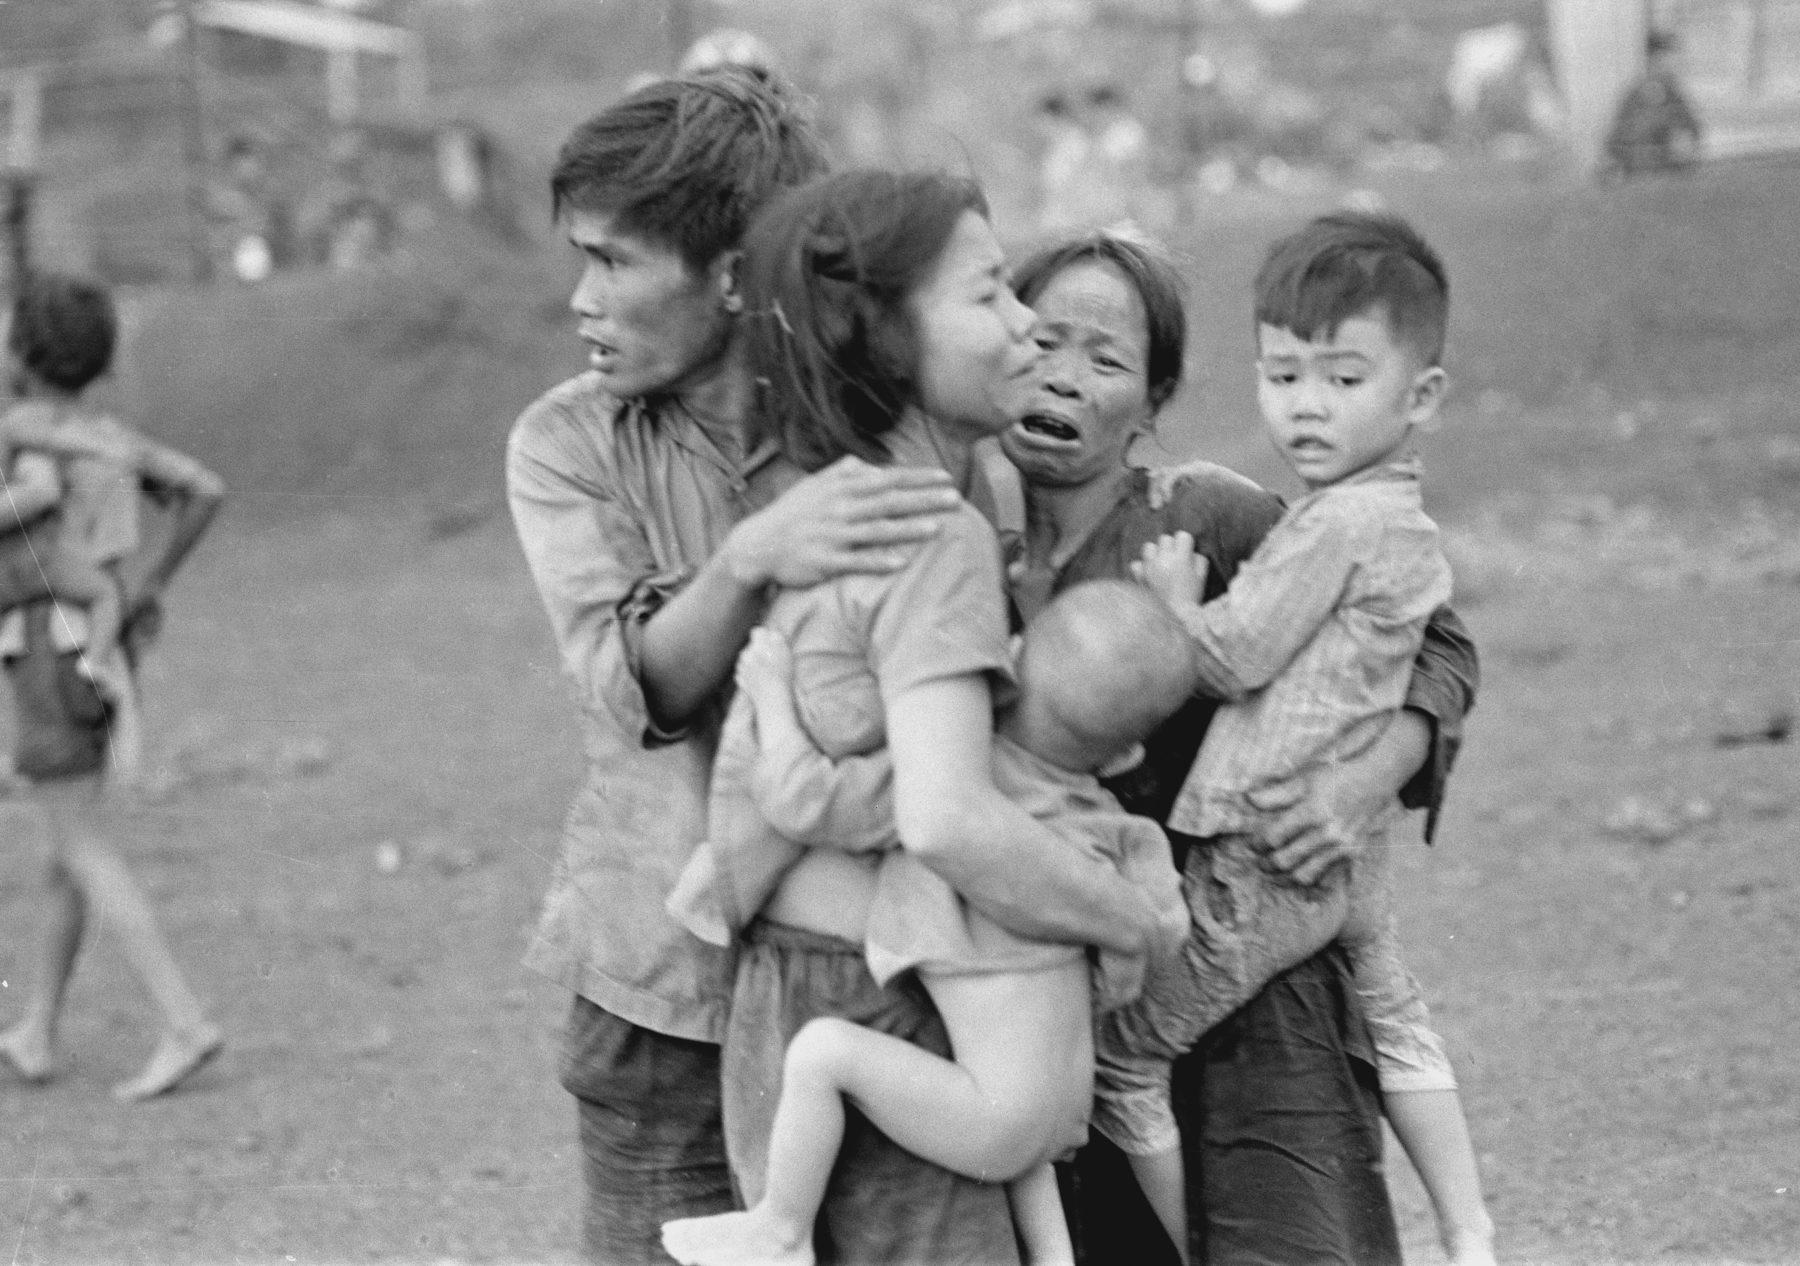 Deja Vu 1858 1961 The Vietnam War Episode 1